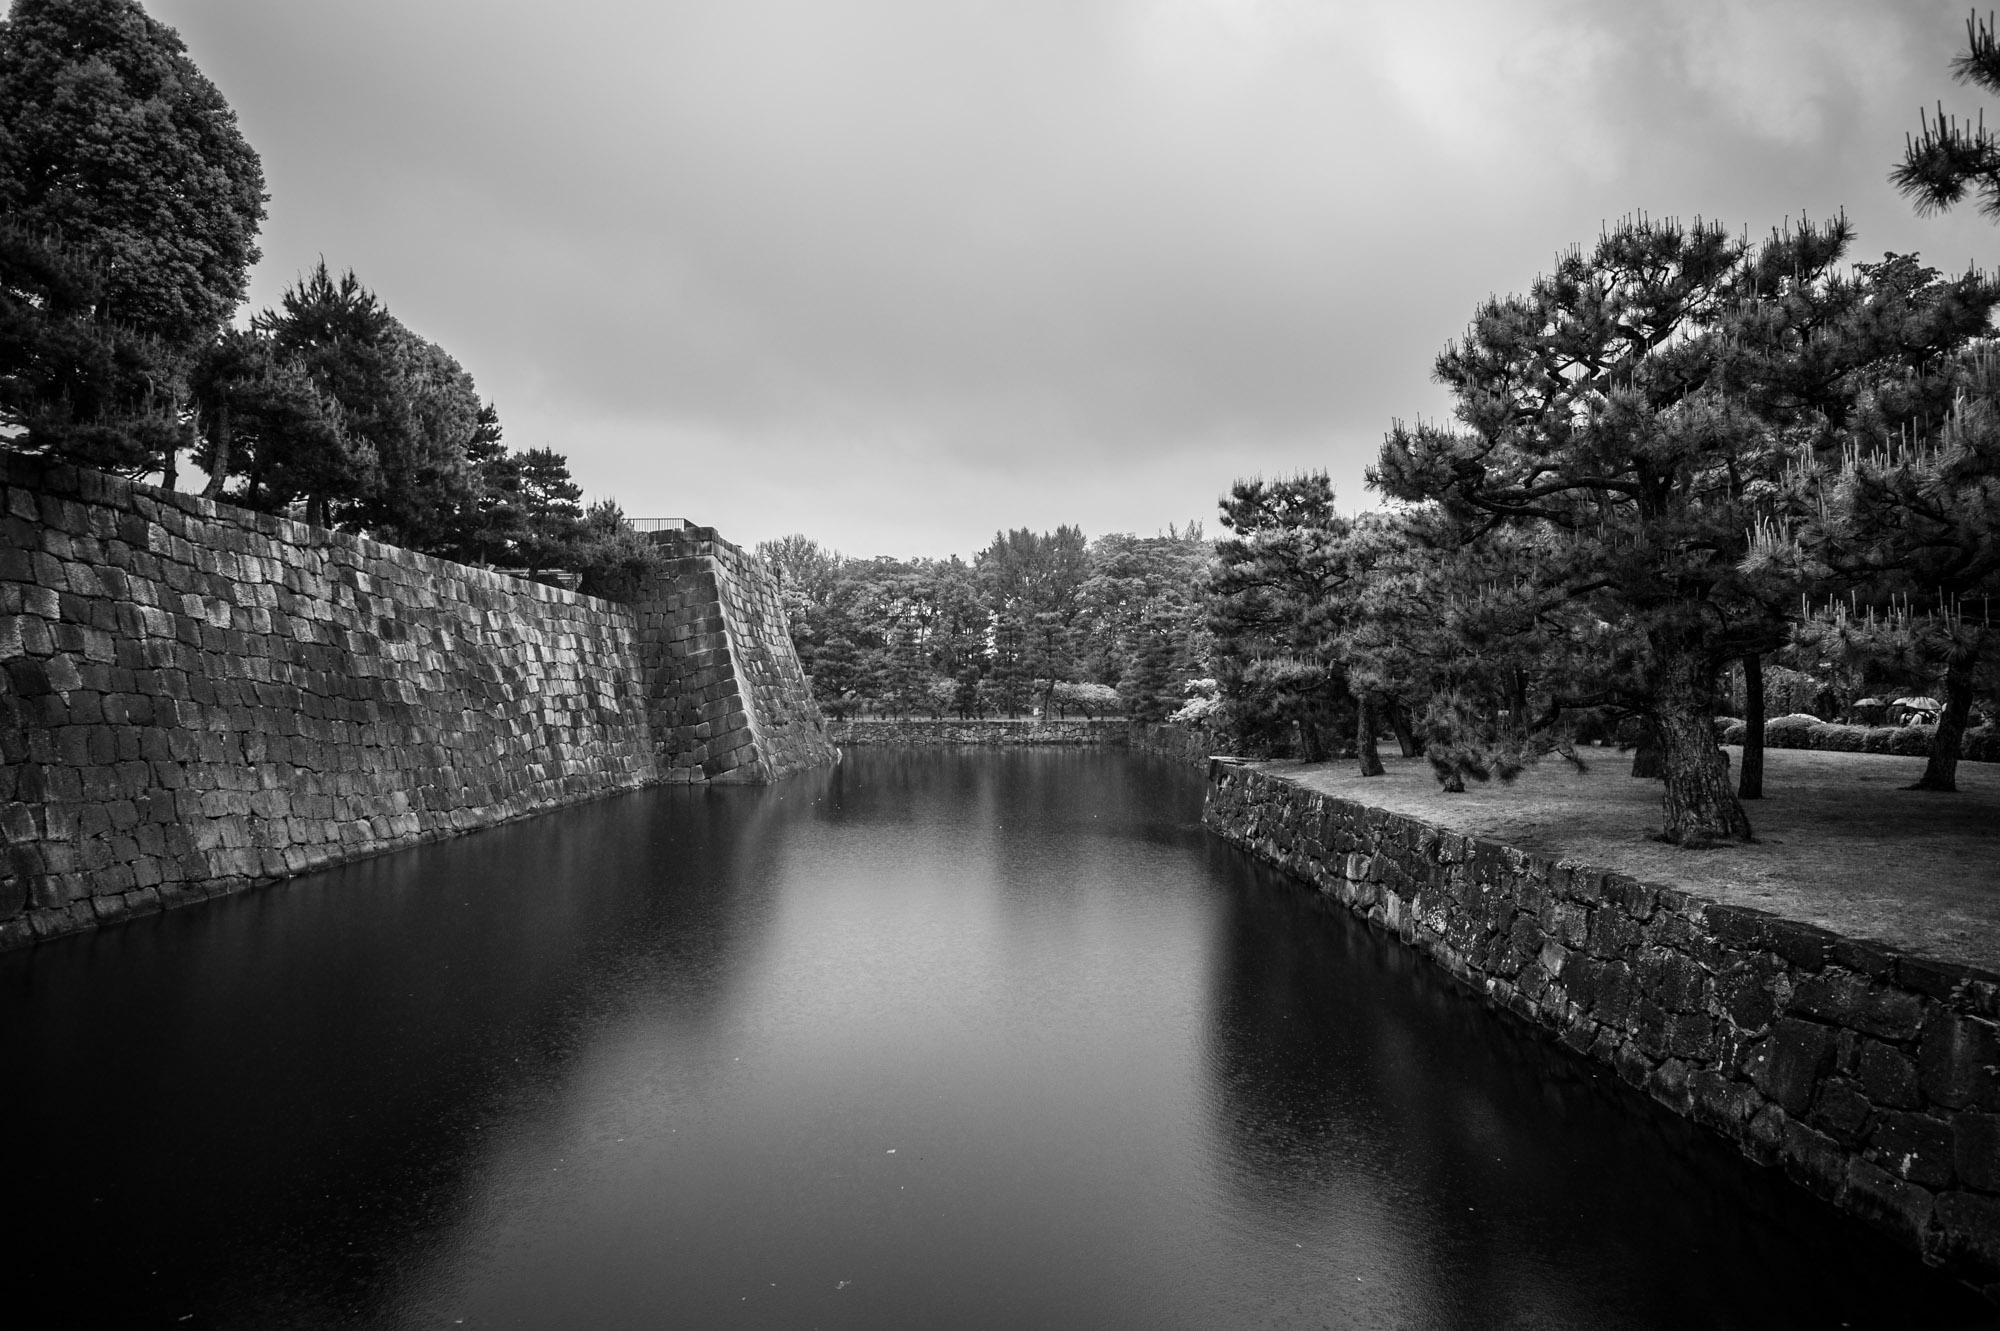 Seta tokioban 790 - Mi A K Kkel Menn Nk Mert Izgi Hogy Lekopott Az Azonos T R La